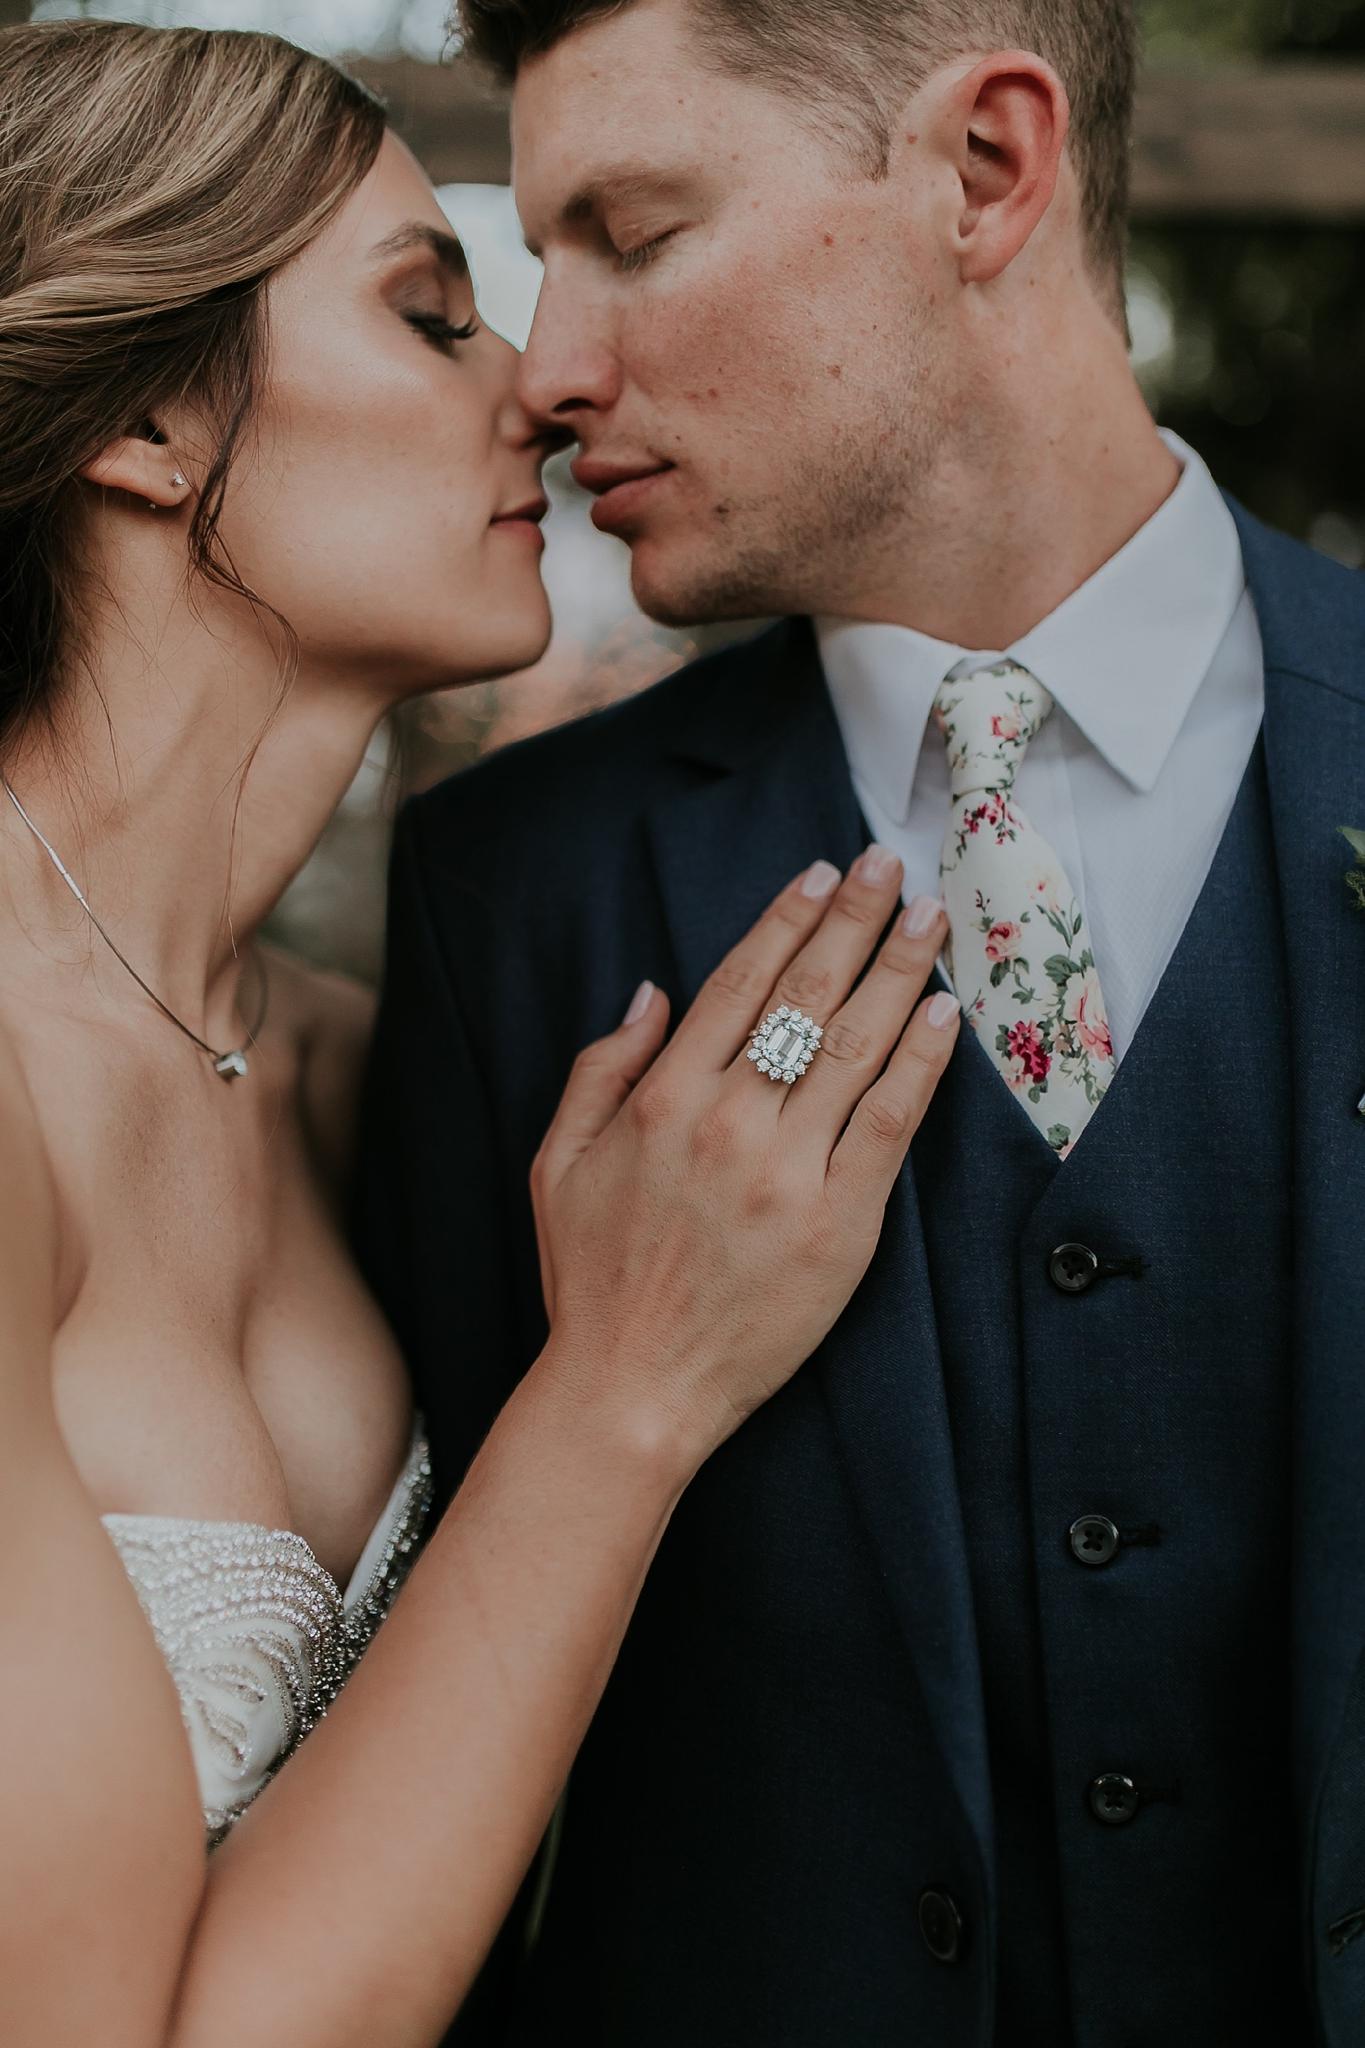 Alicia+lucia+photography+-+albuquerque+wedding+photographer+-+santa+fe+wedding+photography+-+new+mexico+wedding+photographer+-+new+mexico+wedding+-+wedding+makeup+-+makeup+artist+-+wedding+makeup+artist+-+bridal+makeup_0077.jpg